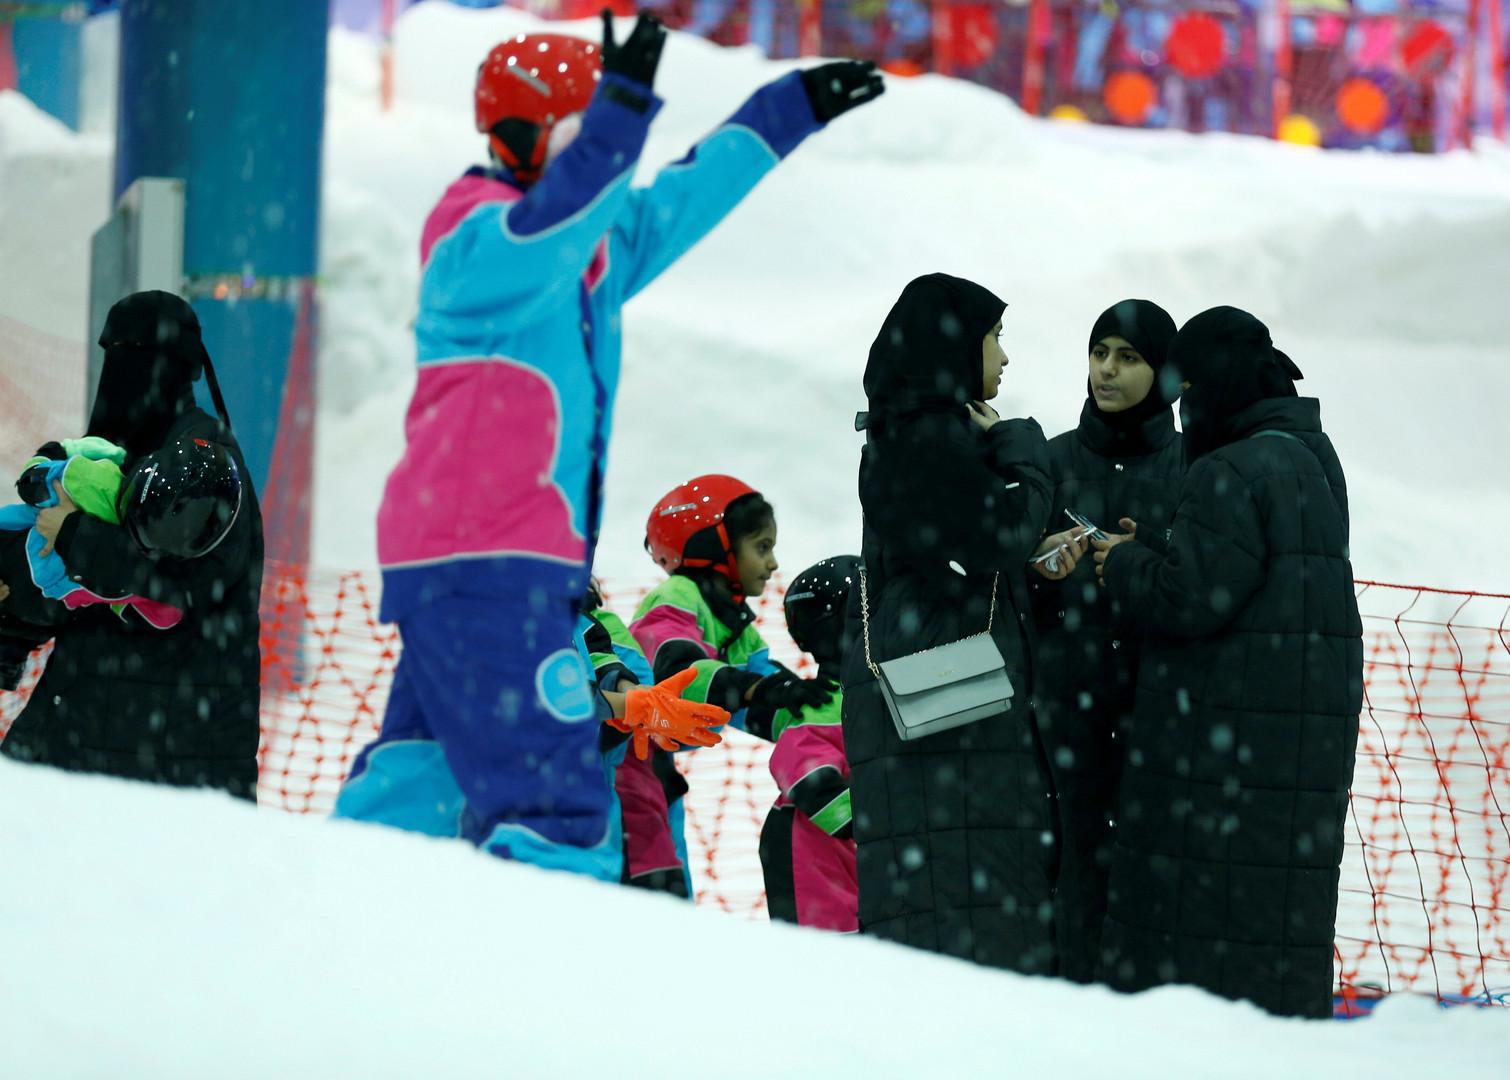 مدينة الثلج تفتح أبوابها في قلب الرياض اللاهب (2)